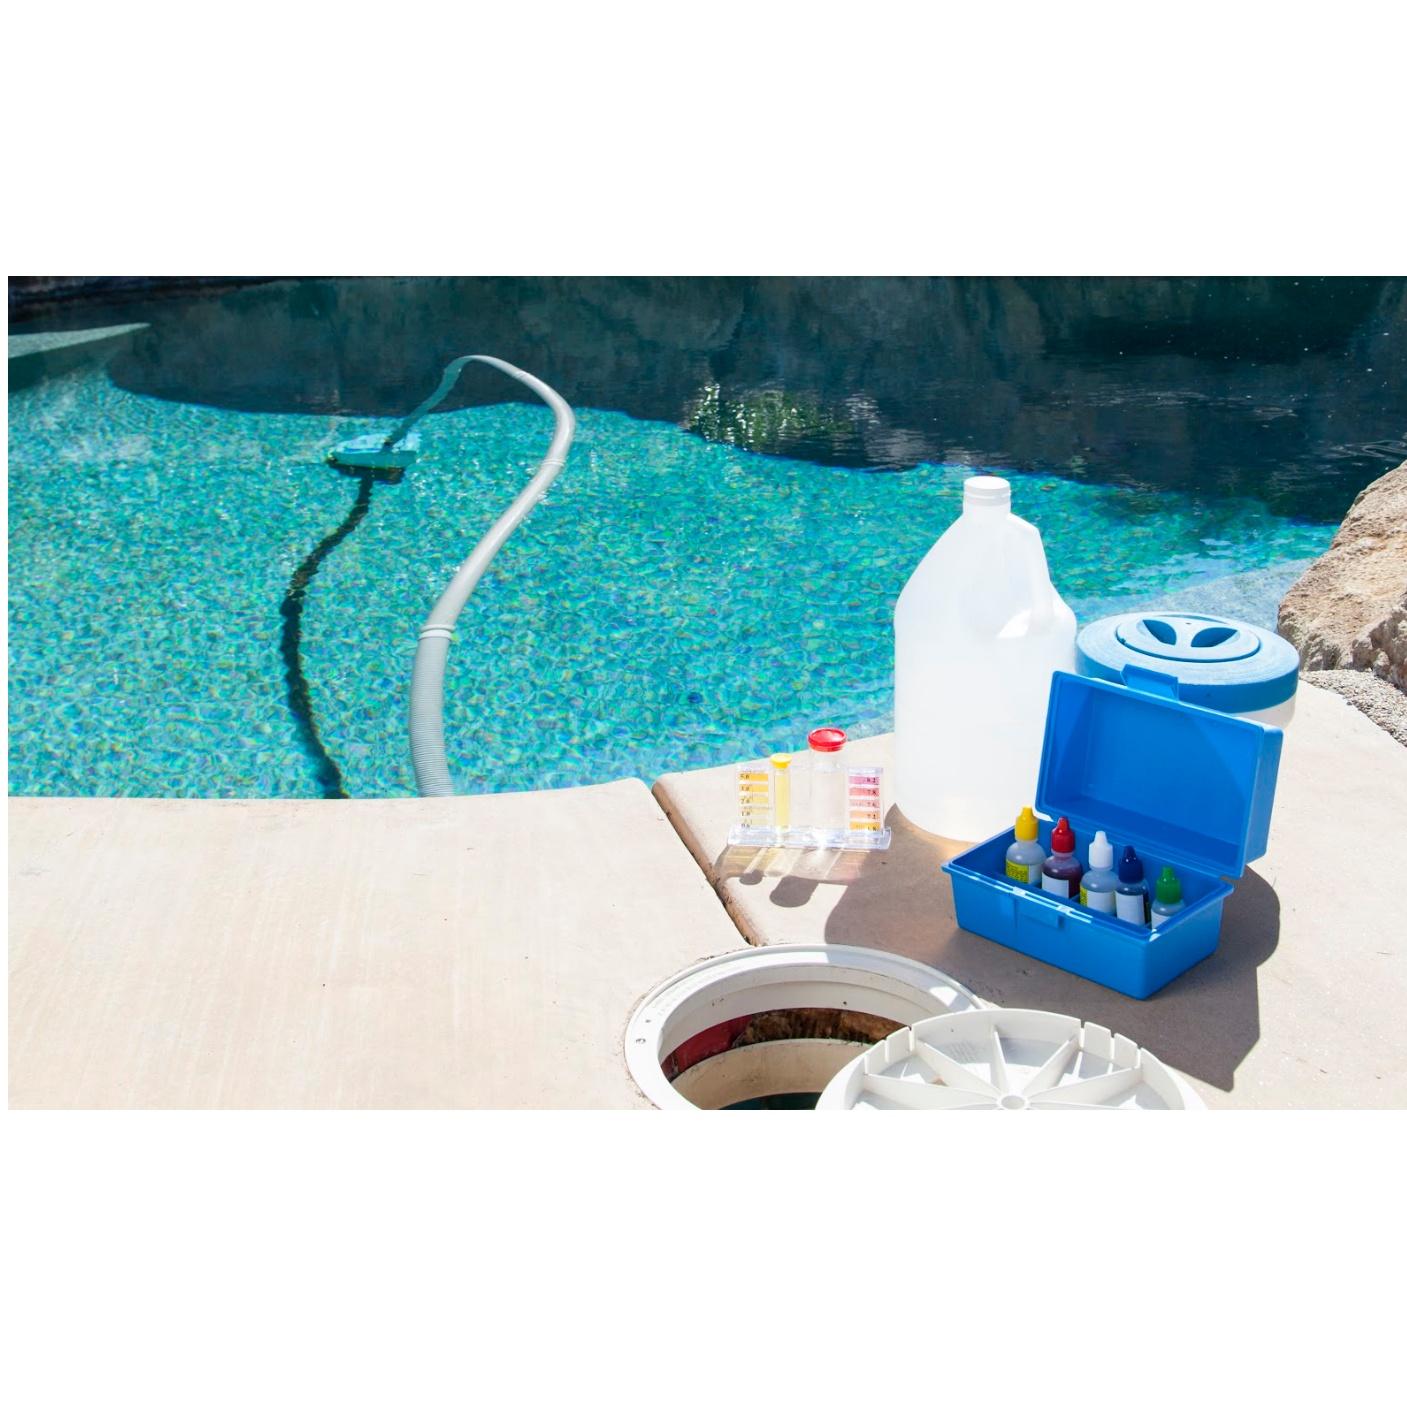 Productos para piscinas: Productos de Comercial Andrés